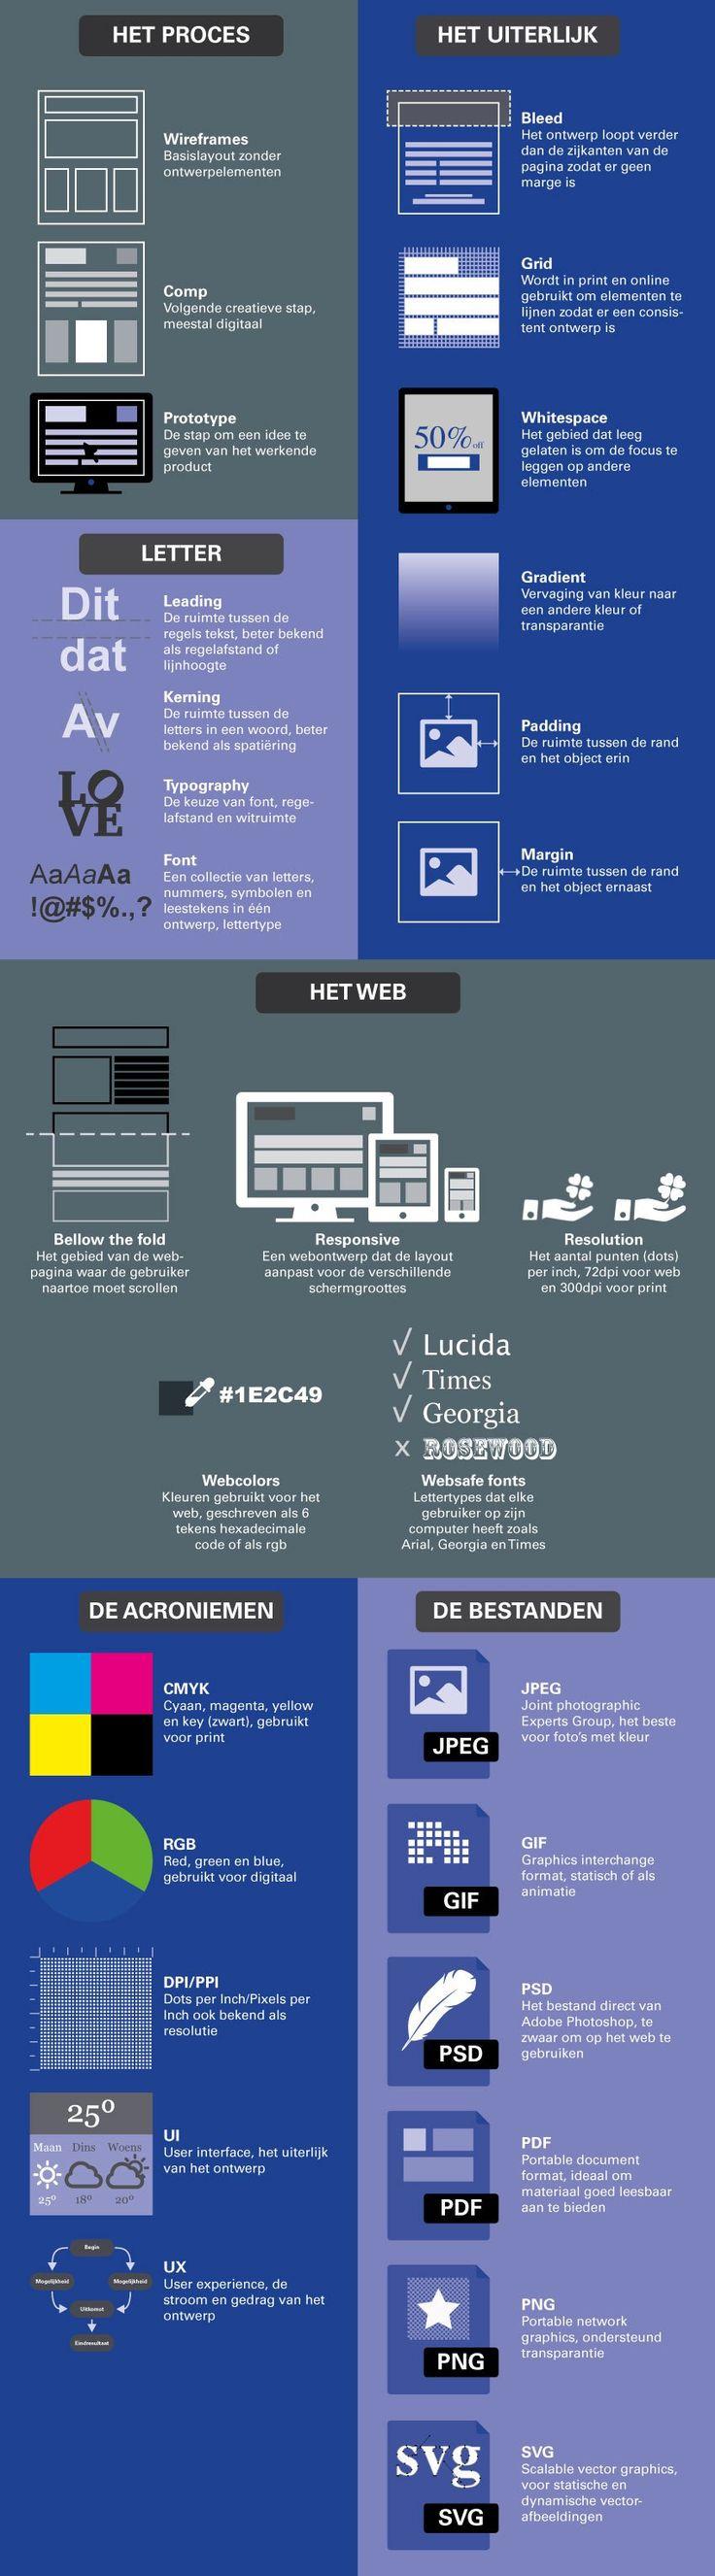 Ontwerptermen die je moet kennen. #SpijkerOntwerp #Spijkerman #ontwerp #design #webdesign #termen #infographic